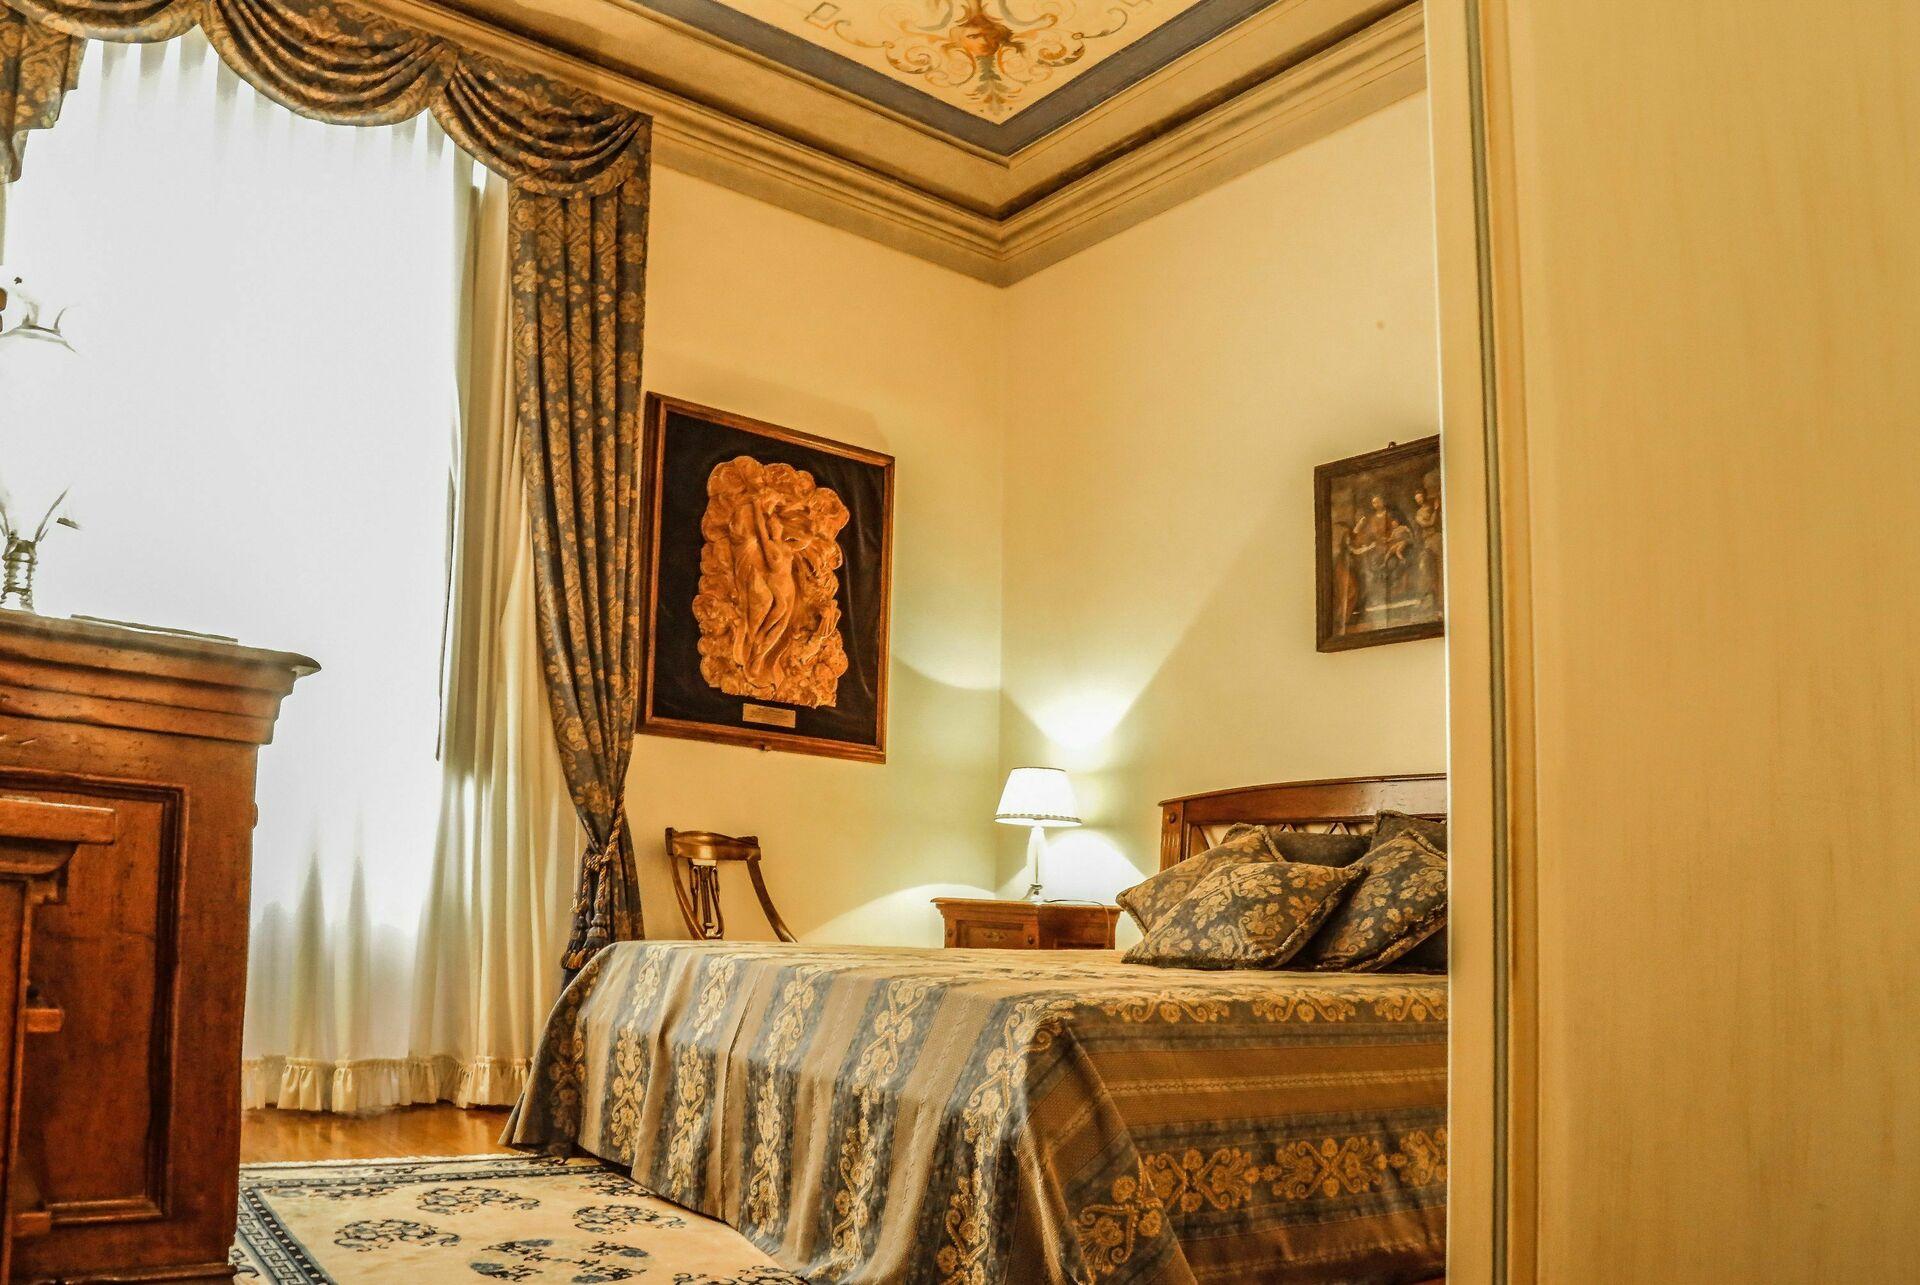 Cosimo appartamento vacanza a firenze toscana 3 letti - Camere da letto firenze ...